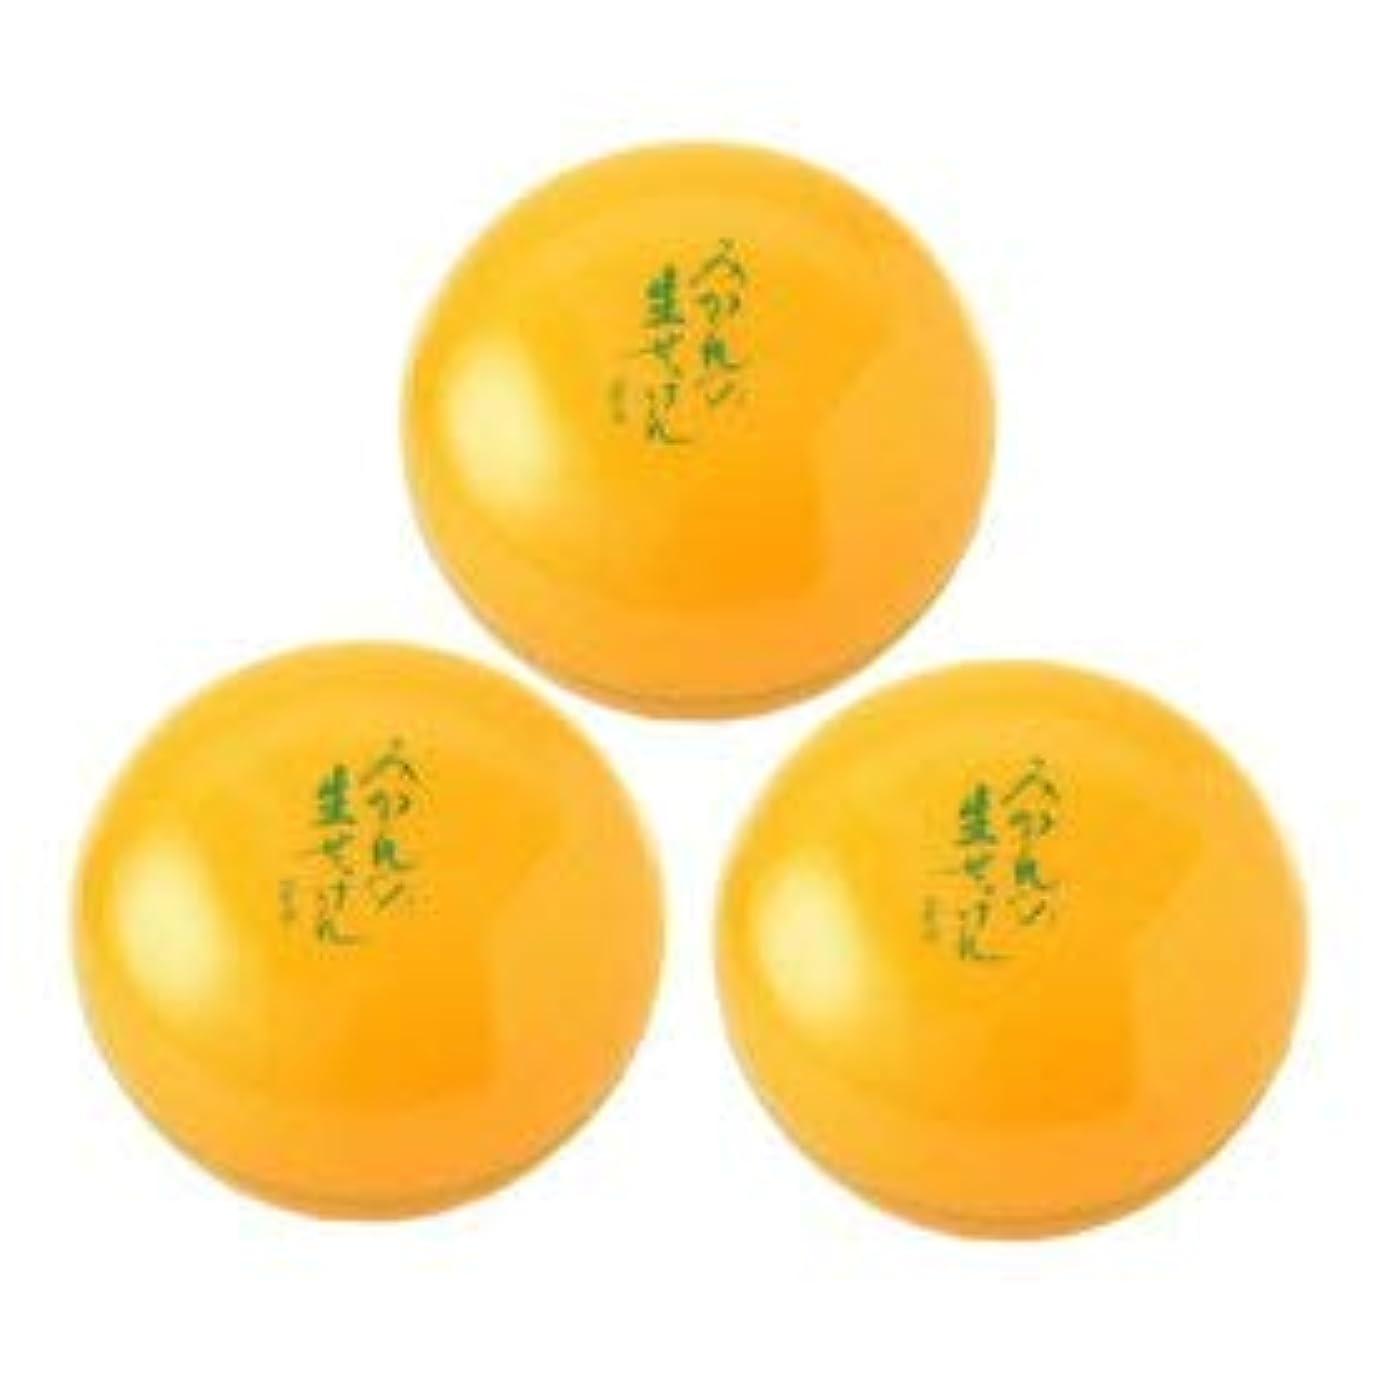 膜アルミニウムシャットUYEKI美香柑みかんの生せっけん50g×3個セット